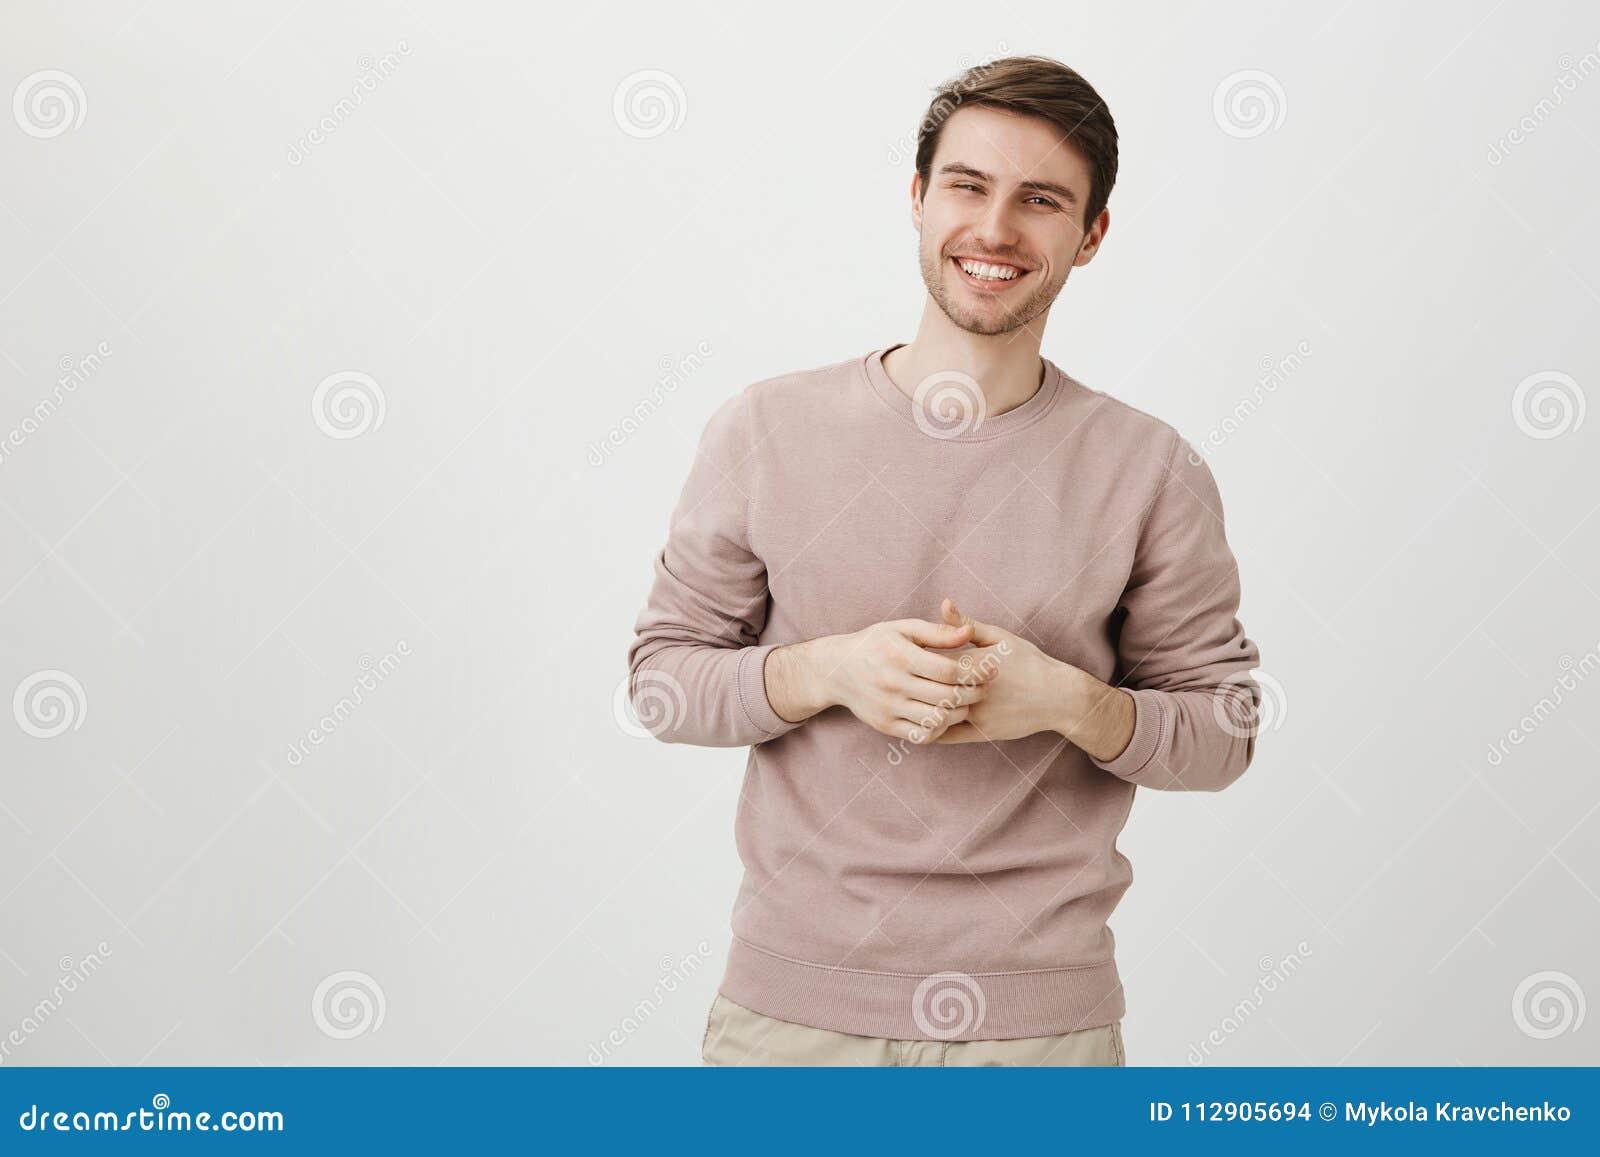 Retrato do homem atlético considerável com o sorriso encantador que guarda as mãos perto da caixa, estando no cargo ocasional com